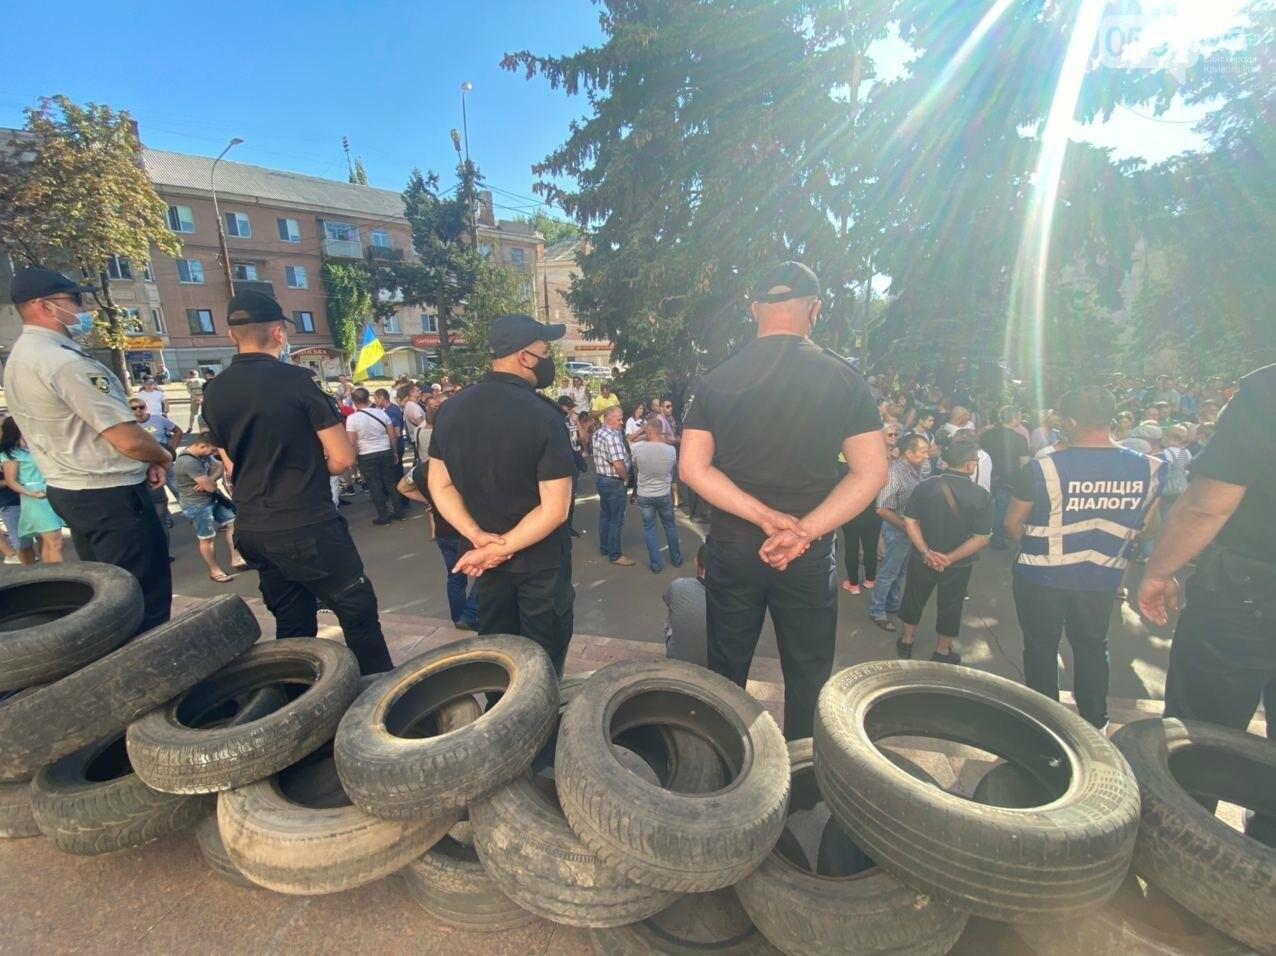 Отмолчаться не получится: у входа в админздание КЖРК проходит массовый митинг, на ступеньках сложены шины,  - ФОТО, ВИДЕО, фото-25